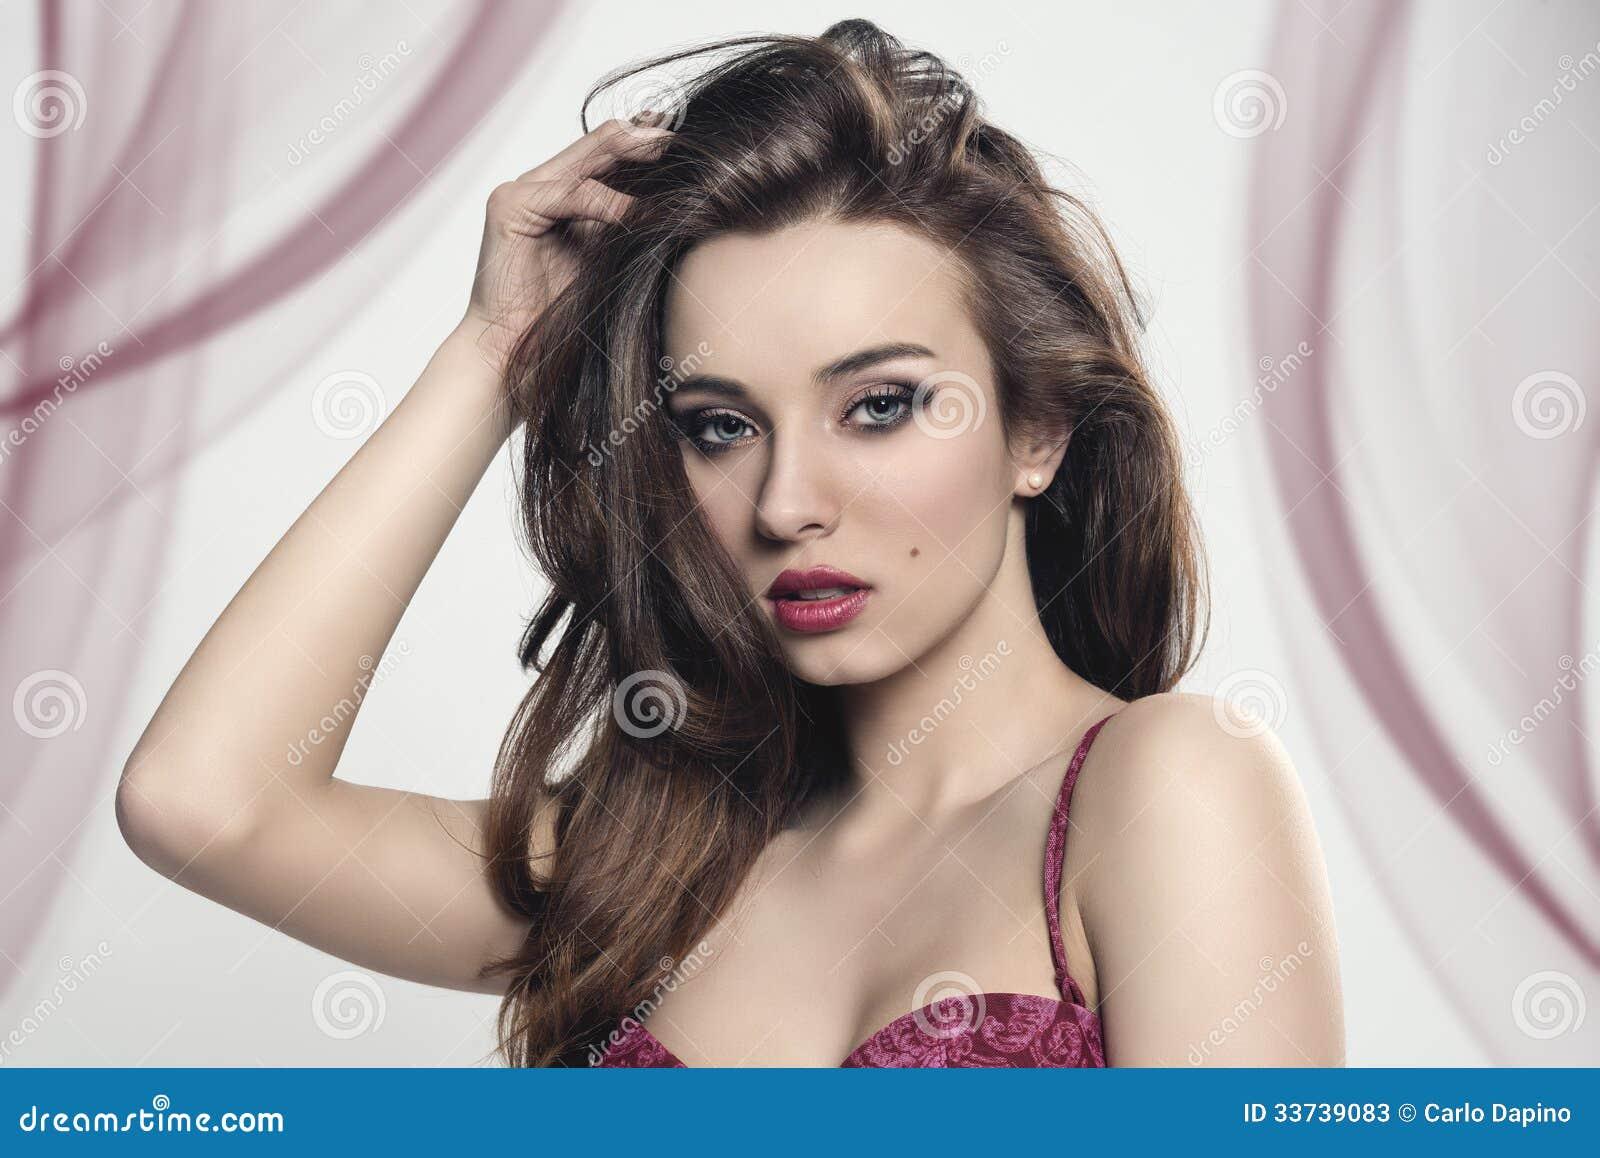 Чувственная девушка с красным женское бельё